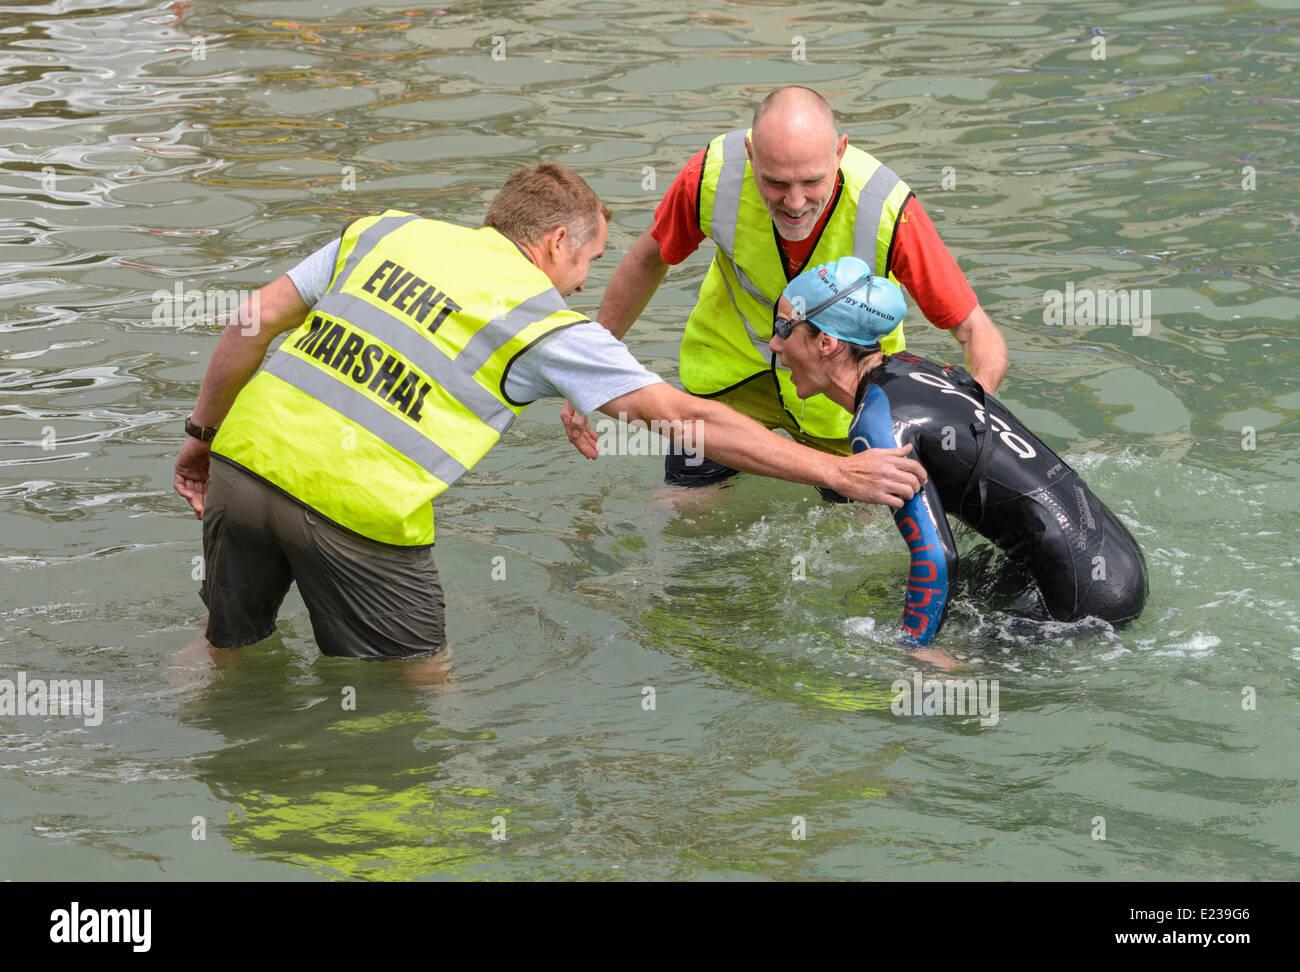 Schwimmer geholfen wird aus dem Fluss nach einem Rennen. Stockbild